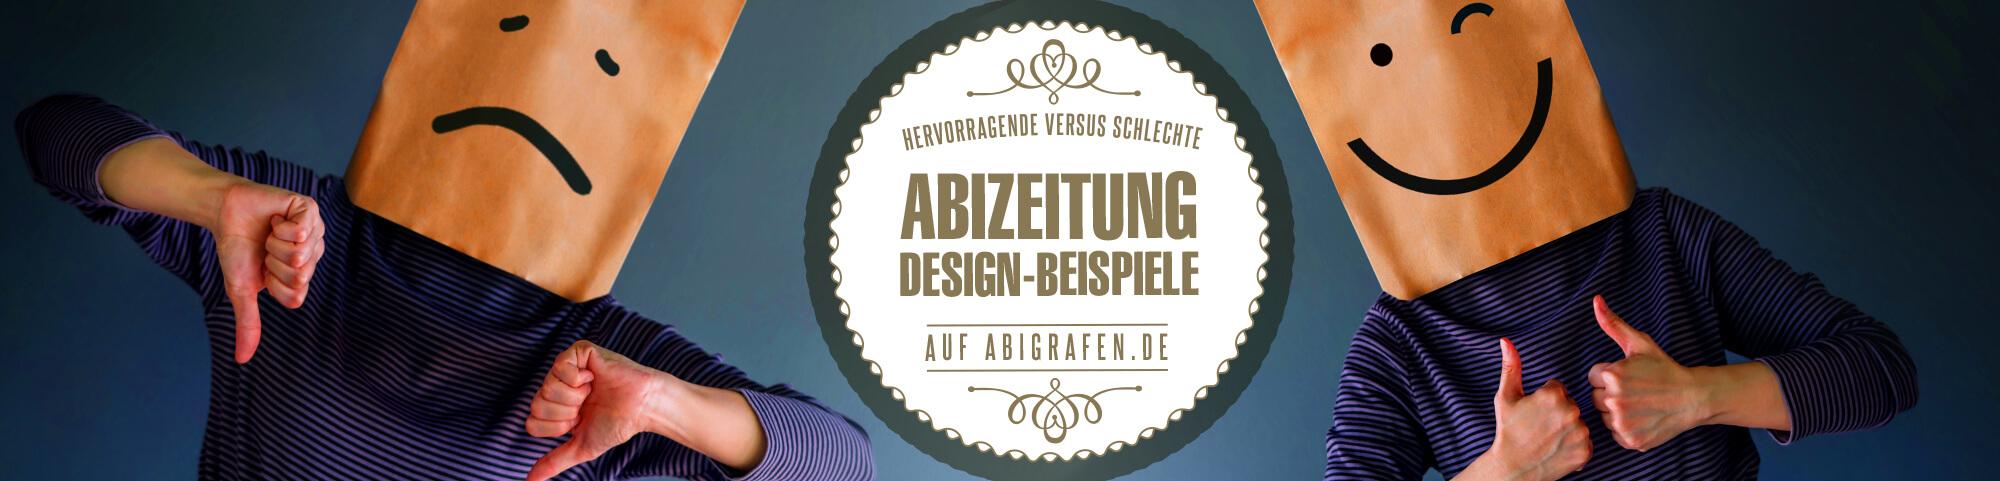 Design-Beispiele Abizeitung/Abibuch inkl. Visualisierung und Analyse von guten und schlechten Designs im Vergleich